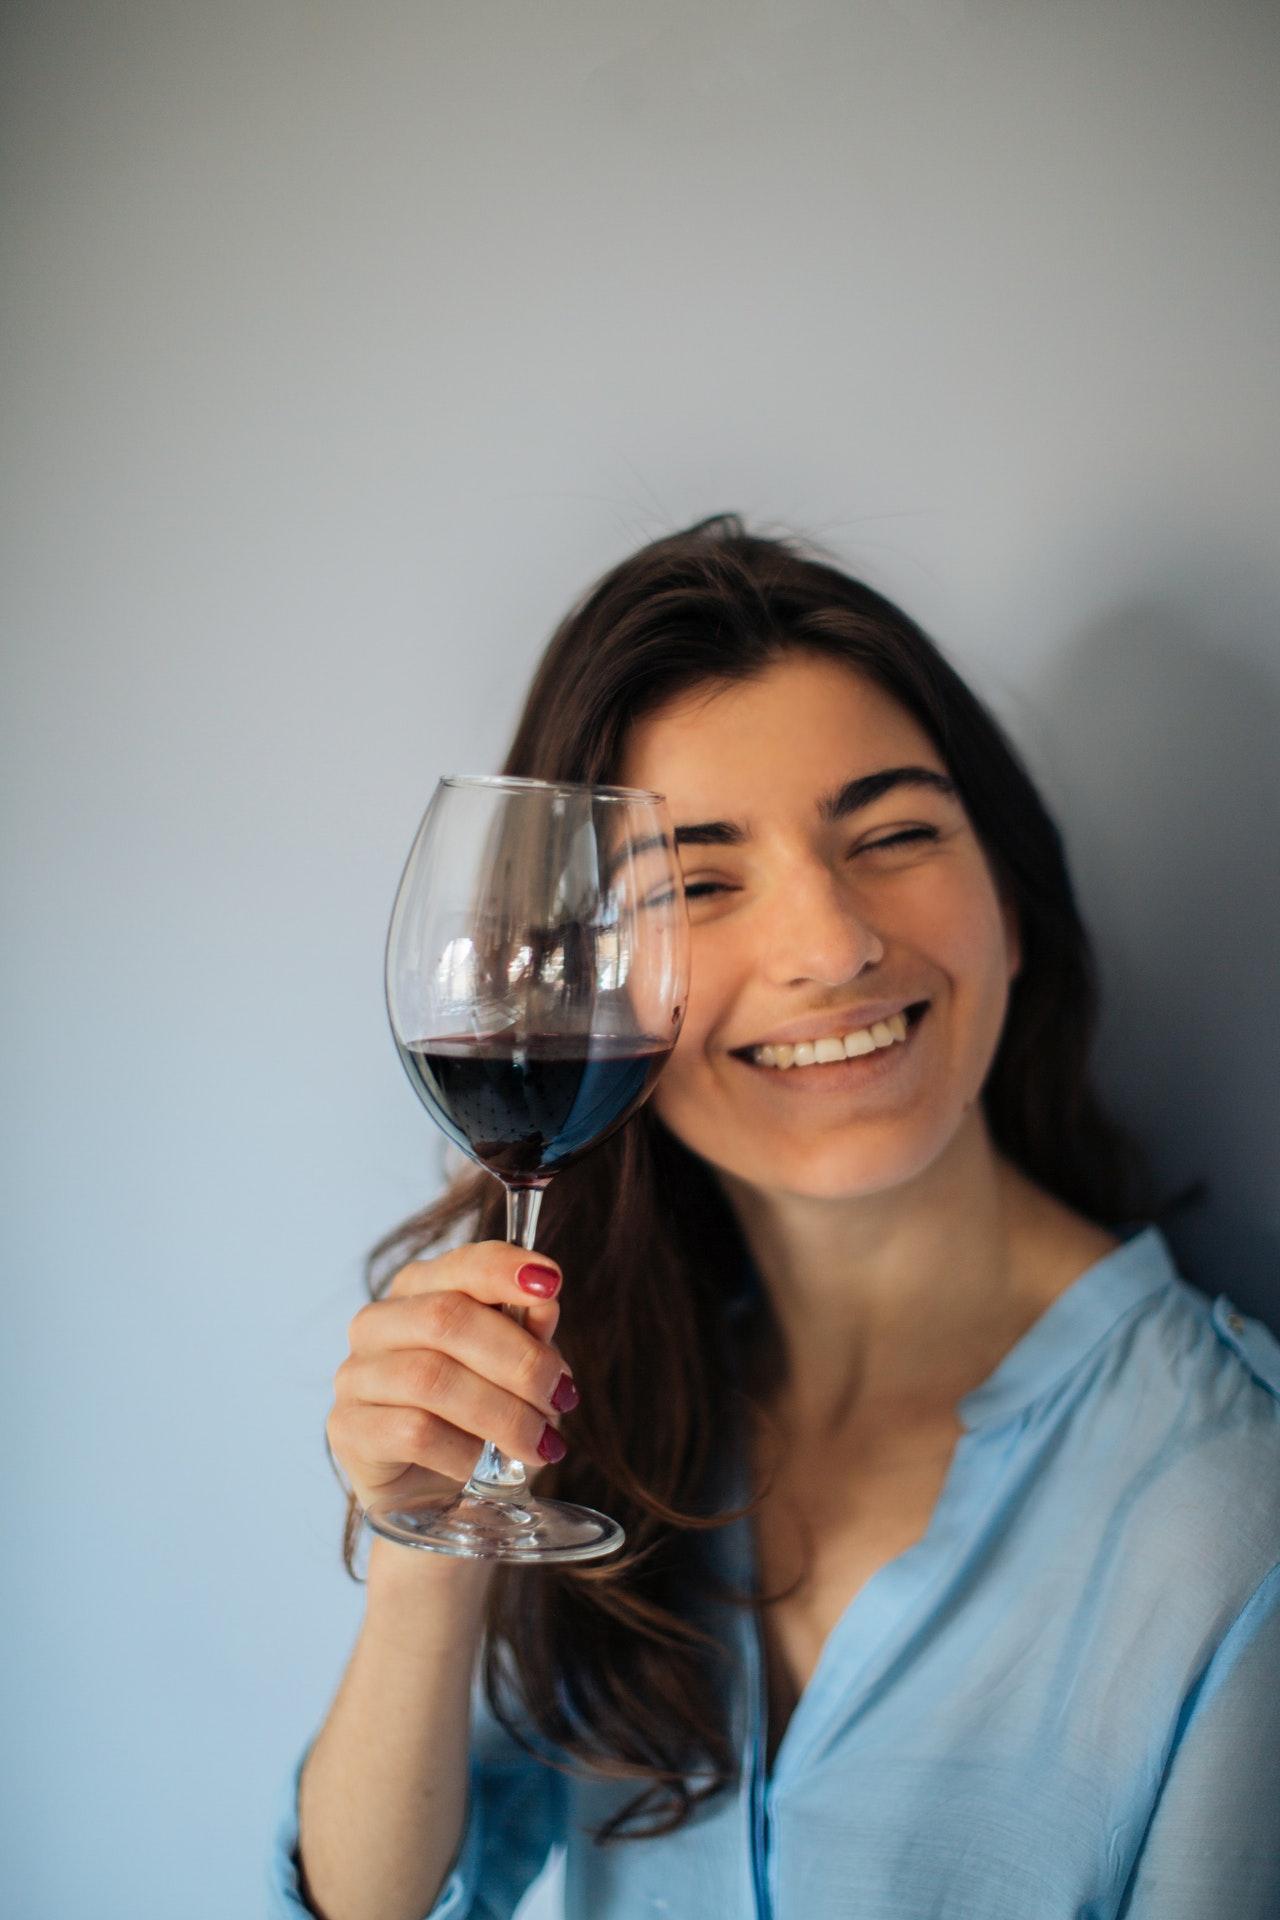 Aus guten Rotweingläsern macht der Weingenuss gleich viel mehr Spaß.